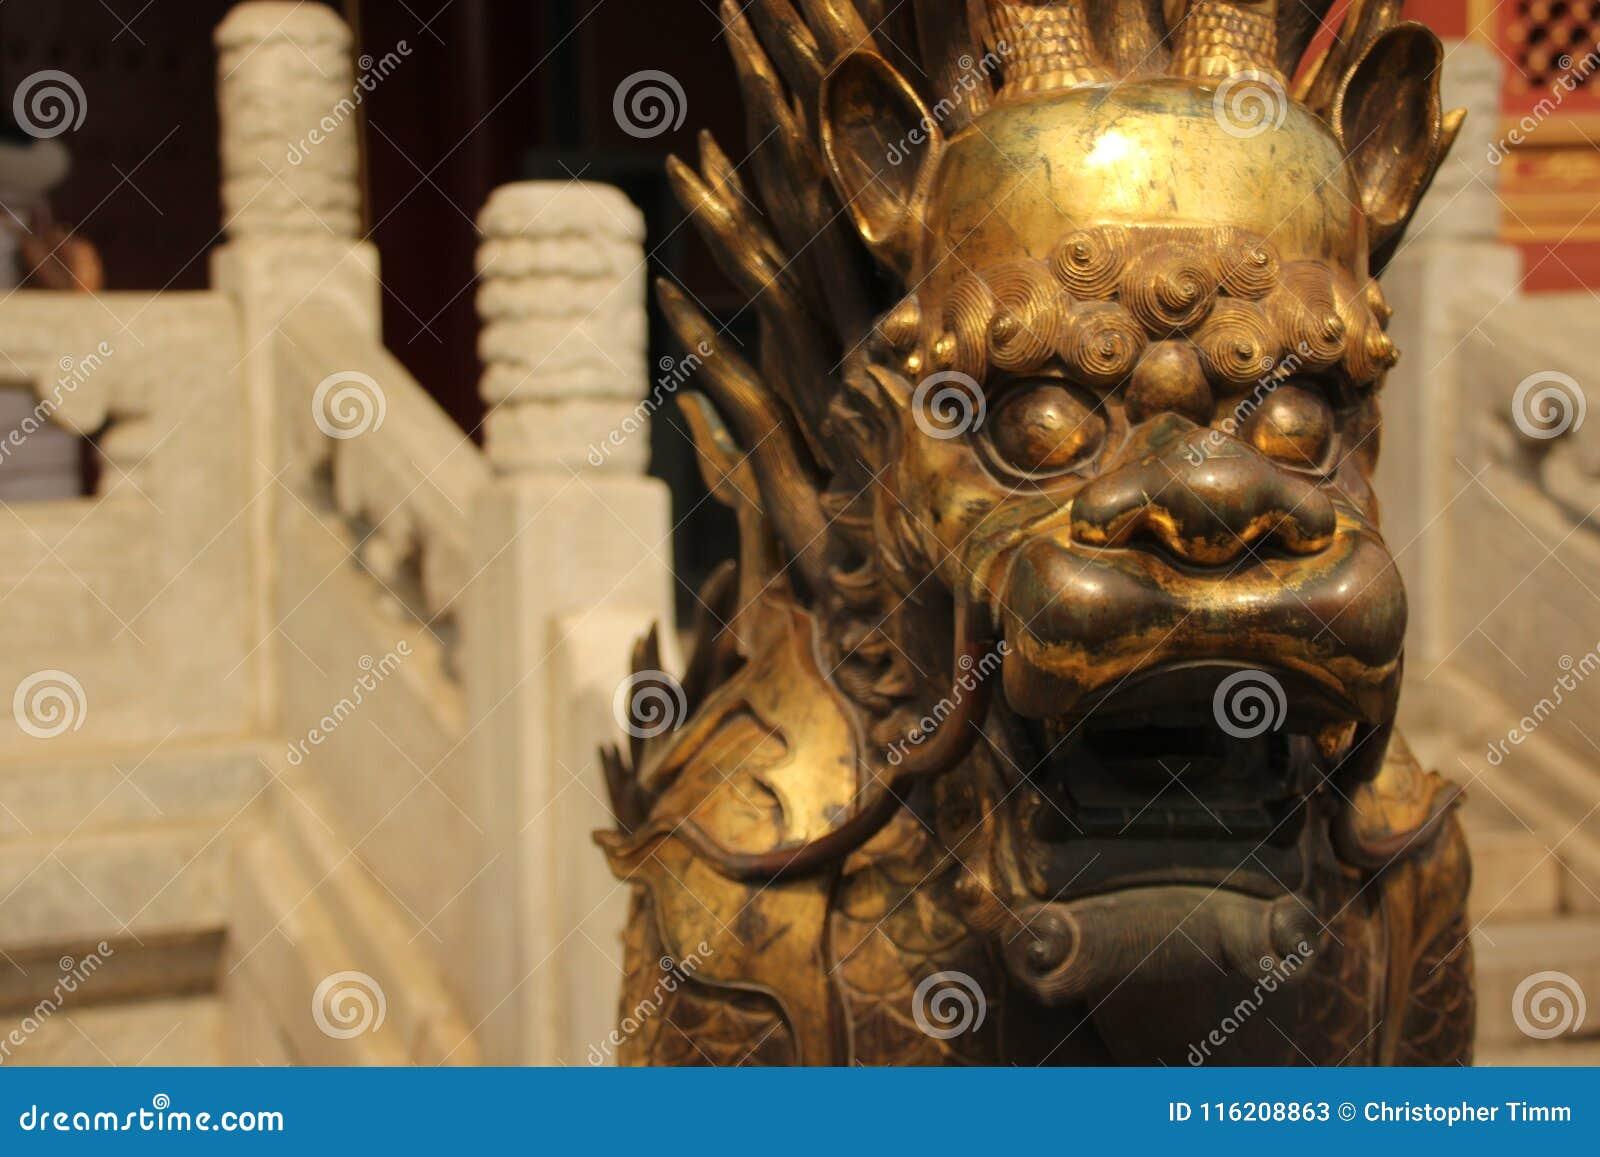 Close-up van een Verguld leeuwstandbeeld, Verboden Stad, Peking